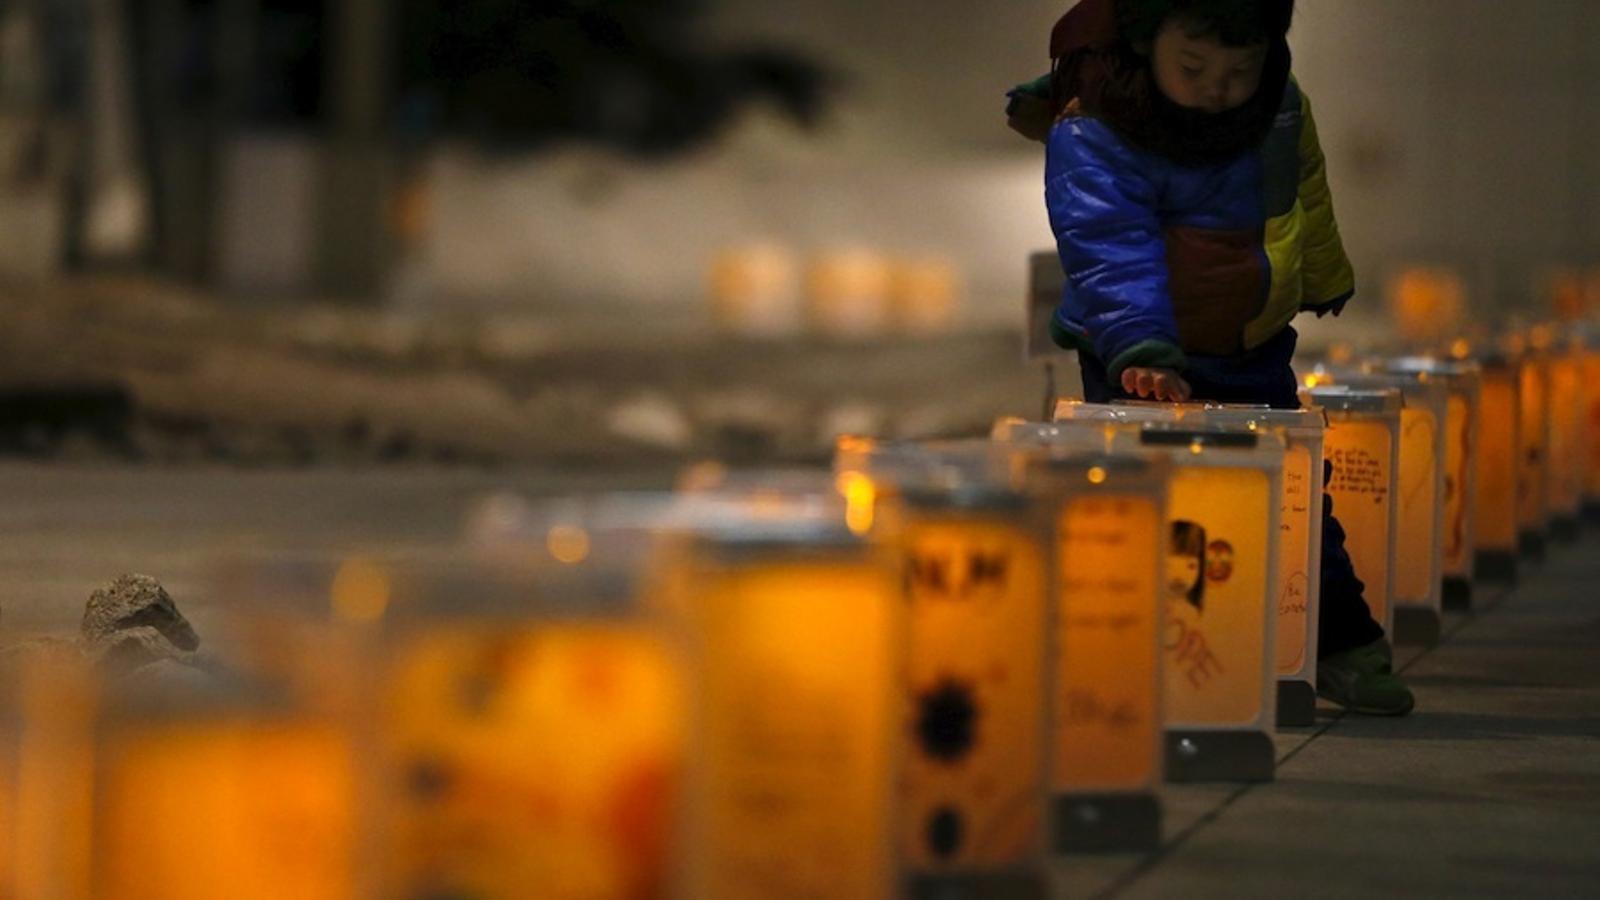 Homenatge a les víctimes del terratrèmol i el tsunami al japó, cinc anys després.